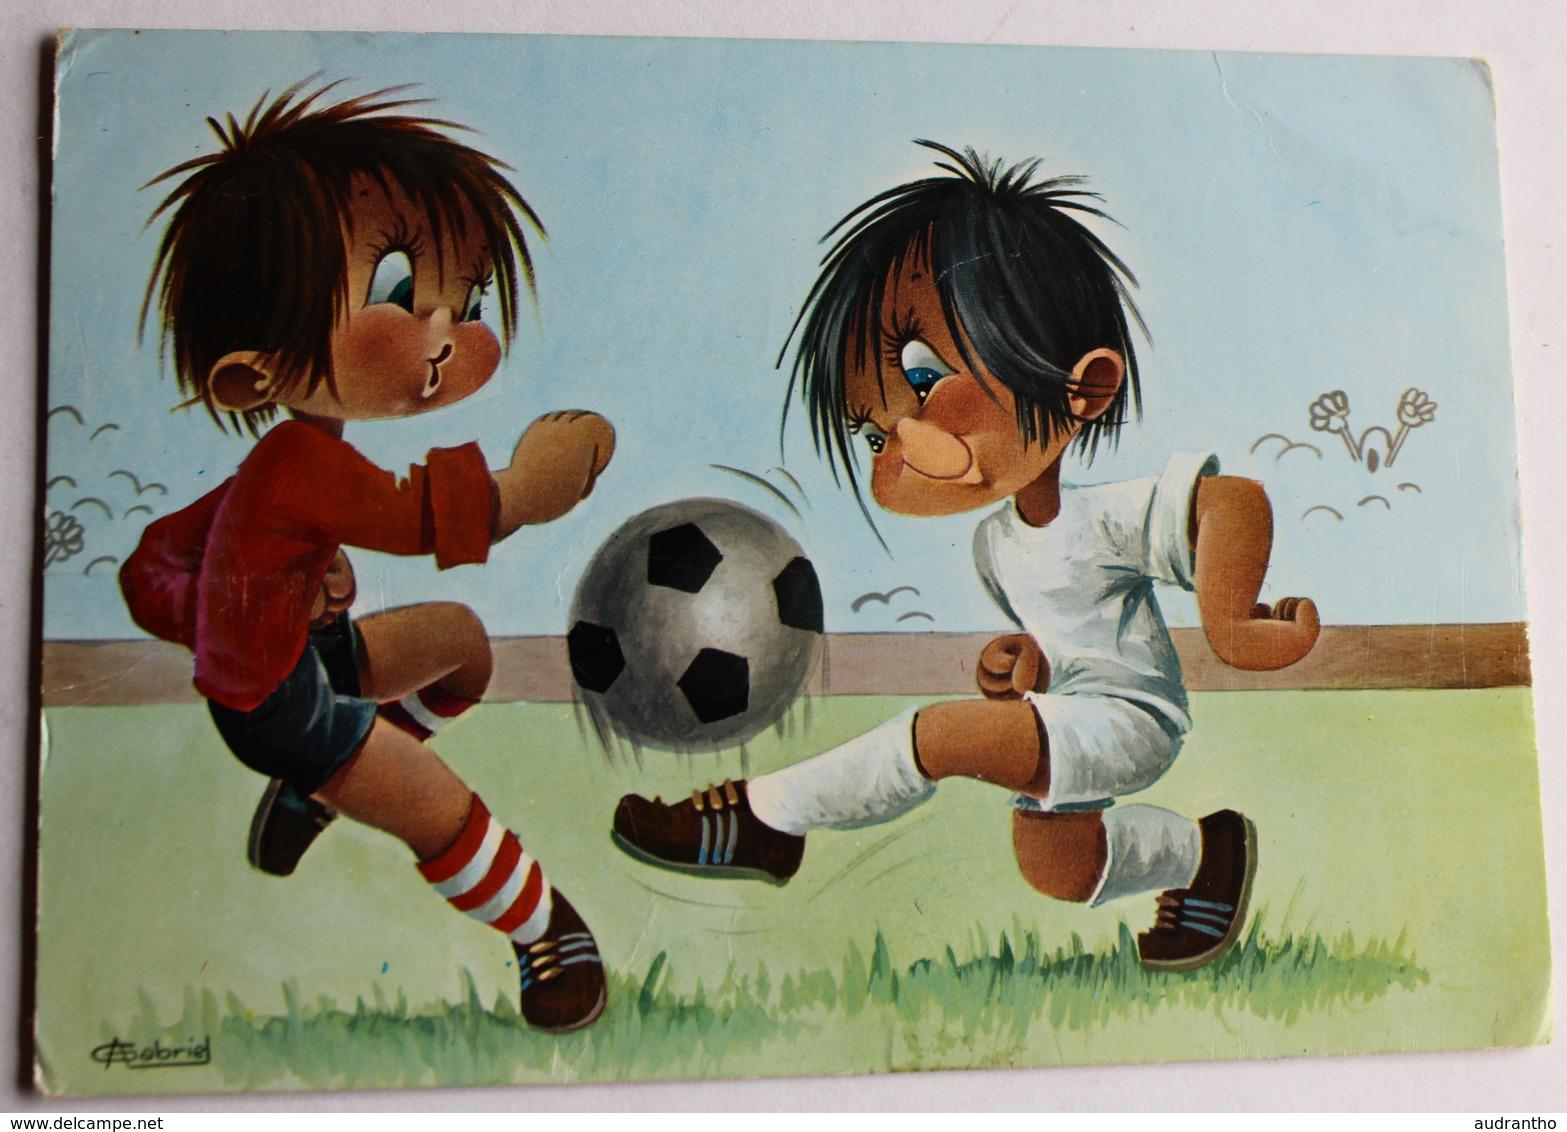 Carte Postale Illustrateur Gabriel Sport Football Enfant Années 70 - Carrière, Louis